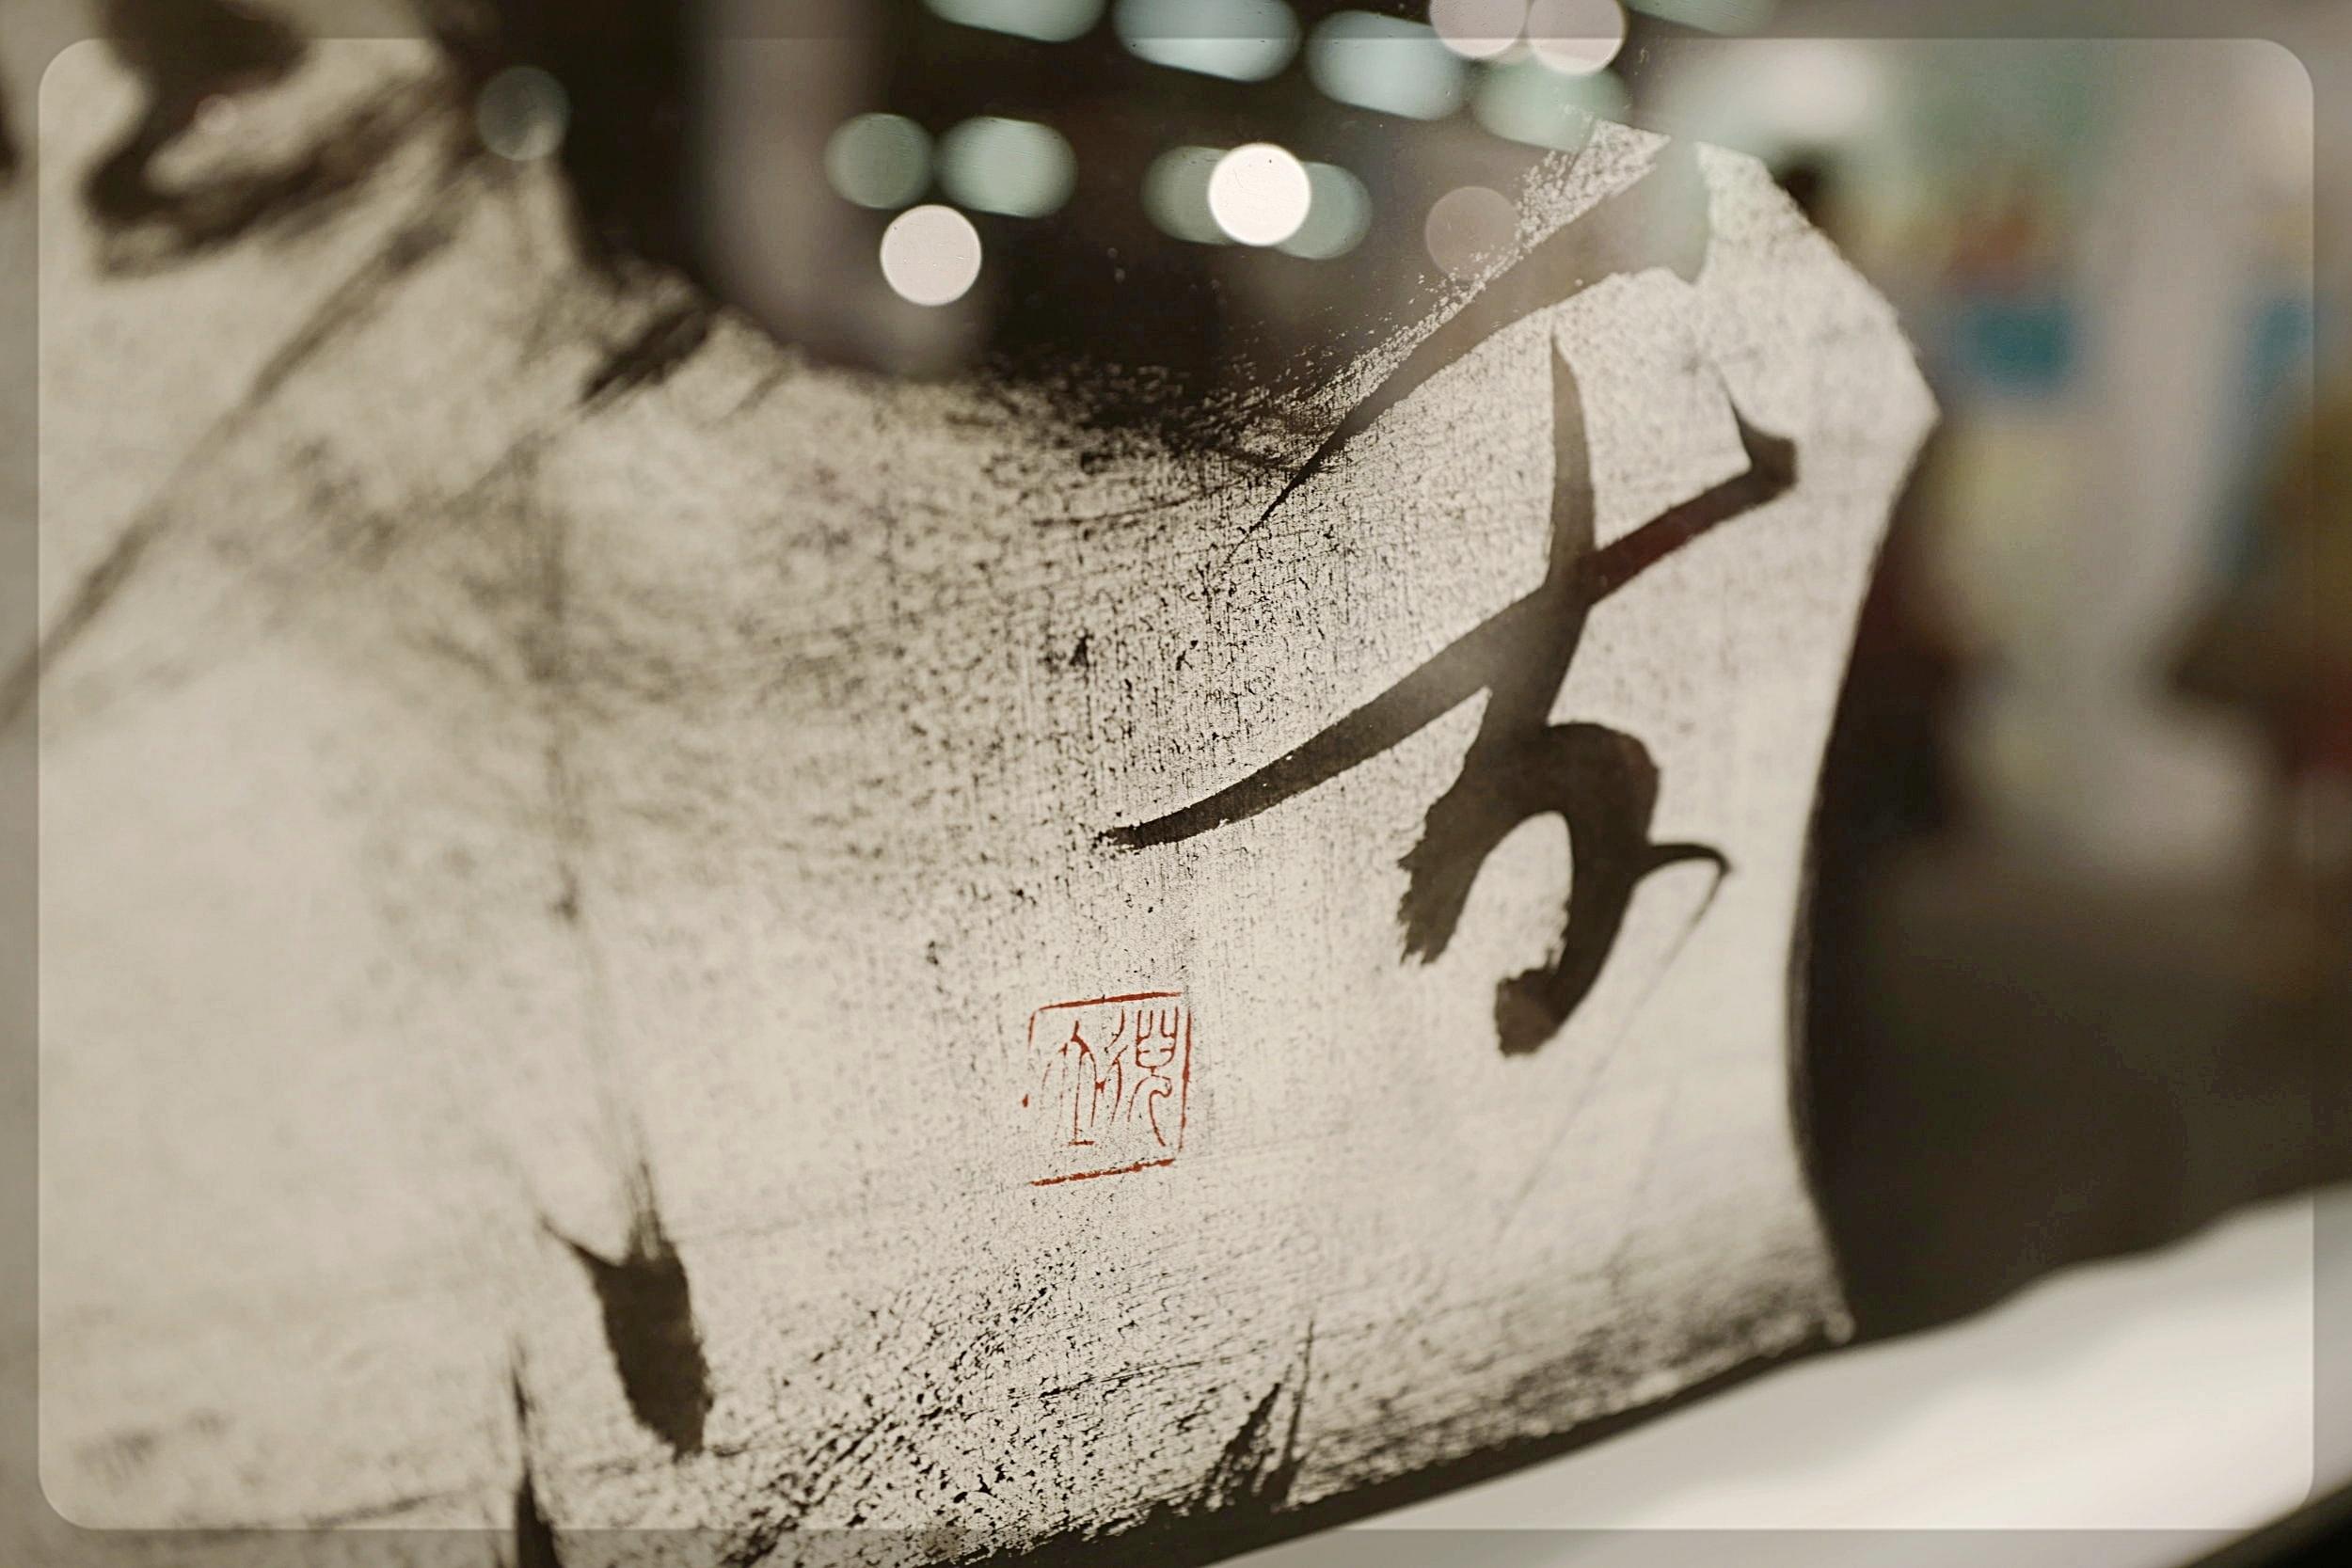 无题4 - 摄影师 Ye Fan.JPG